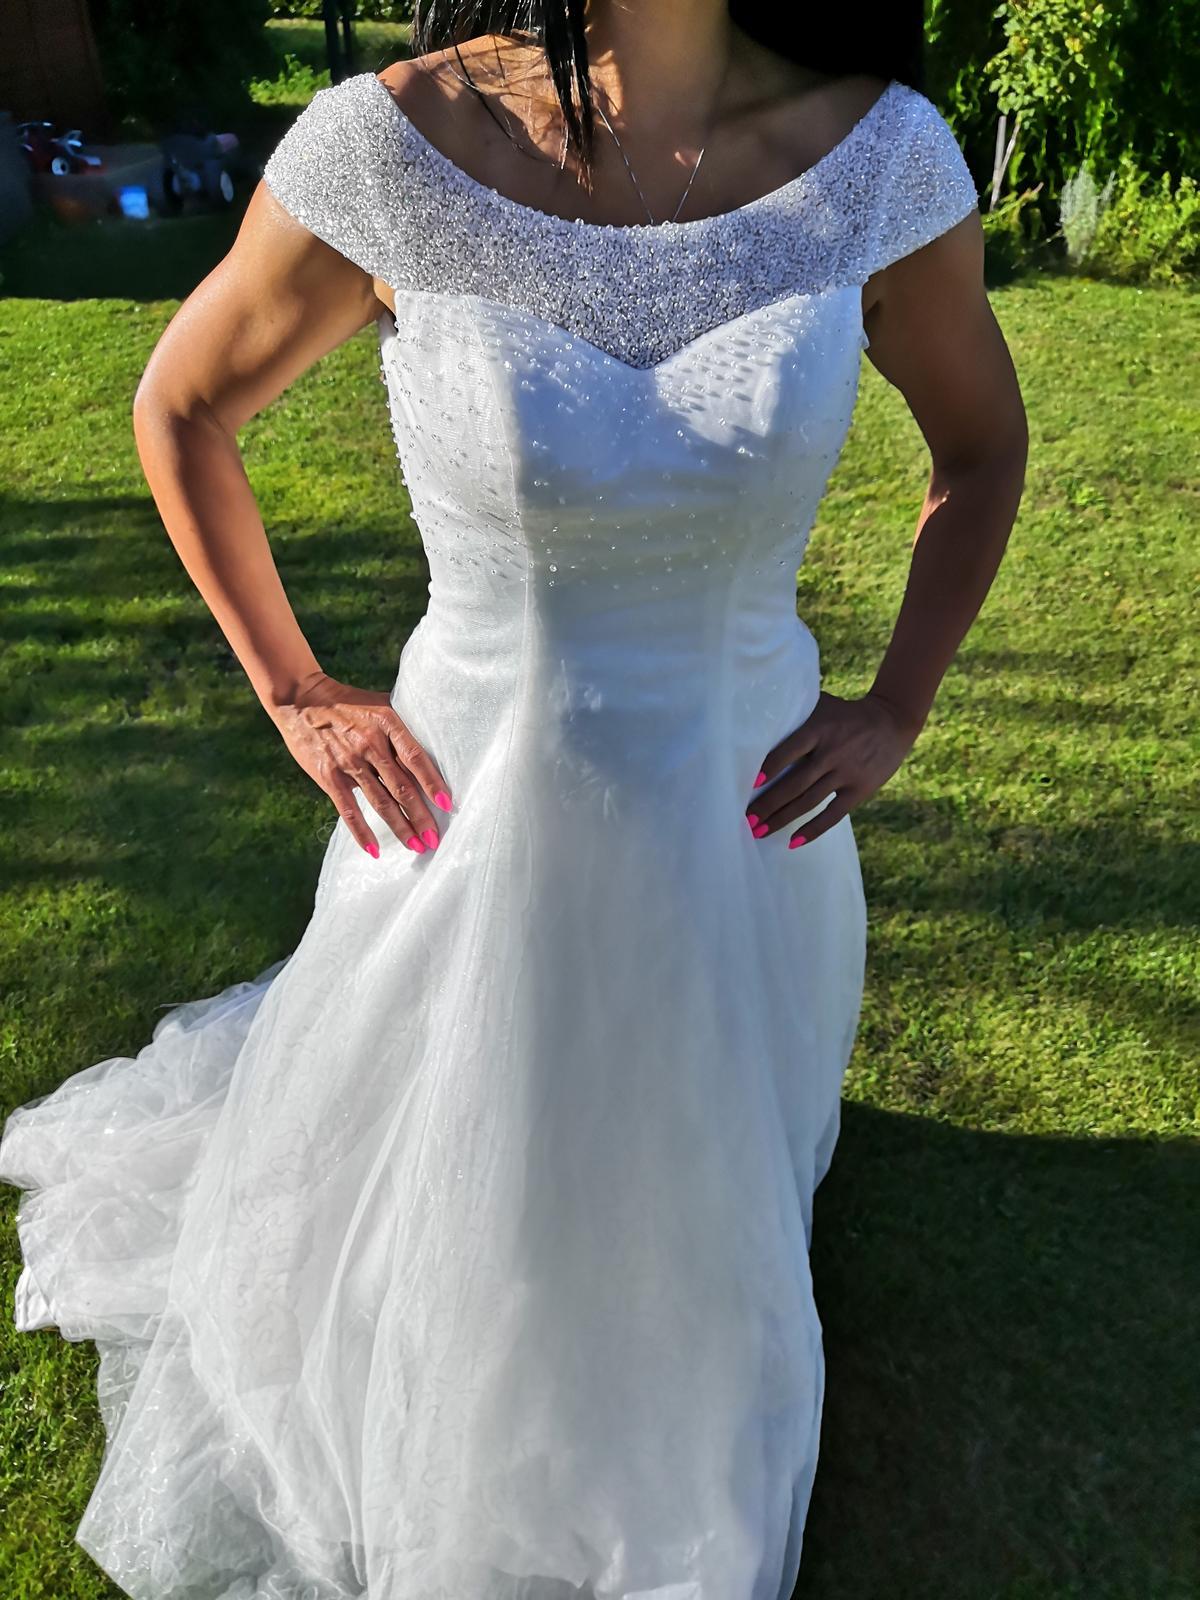 Nové svatební šaty č. 4 - Obrázek č. 1